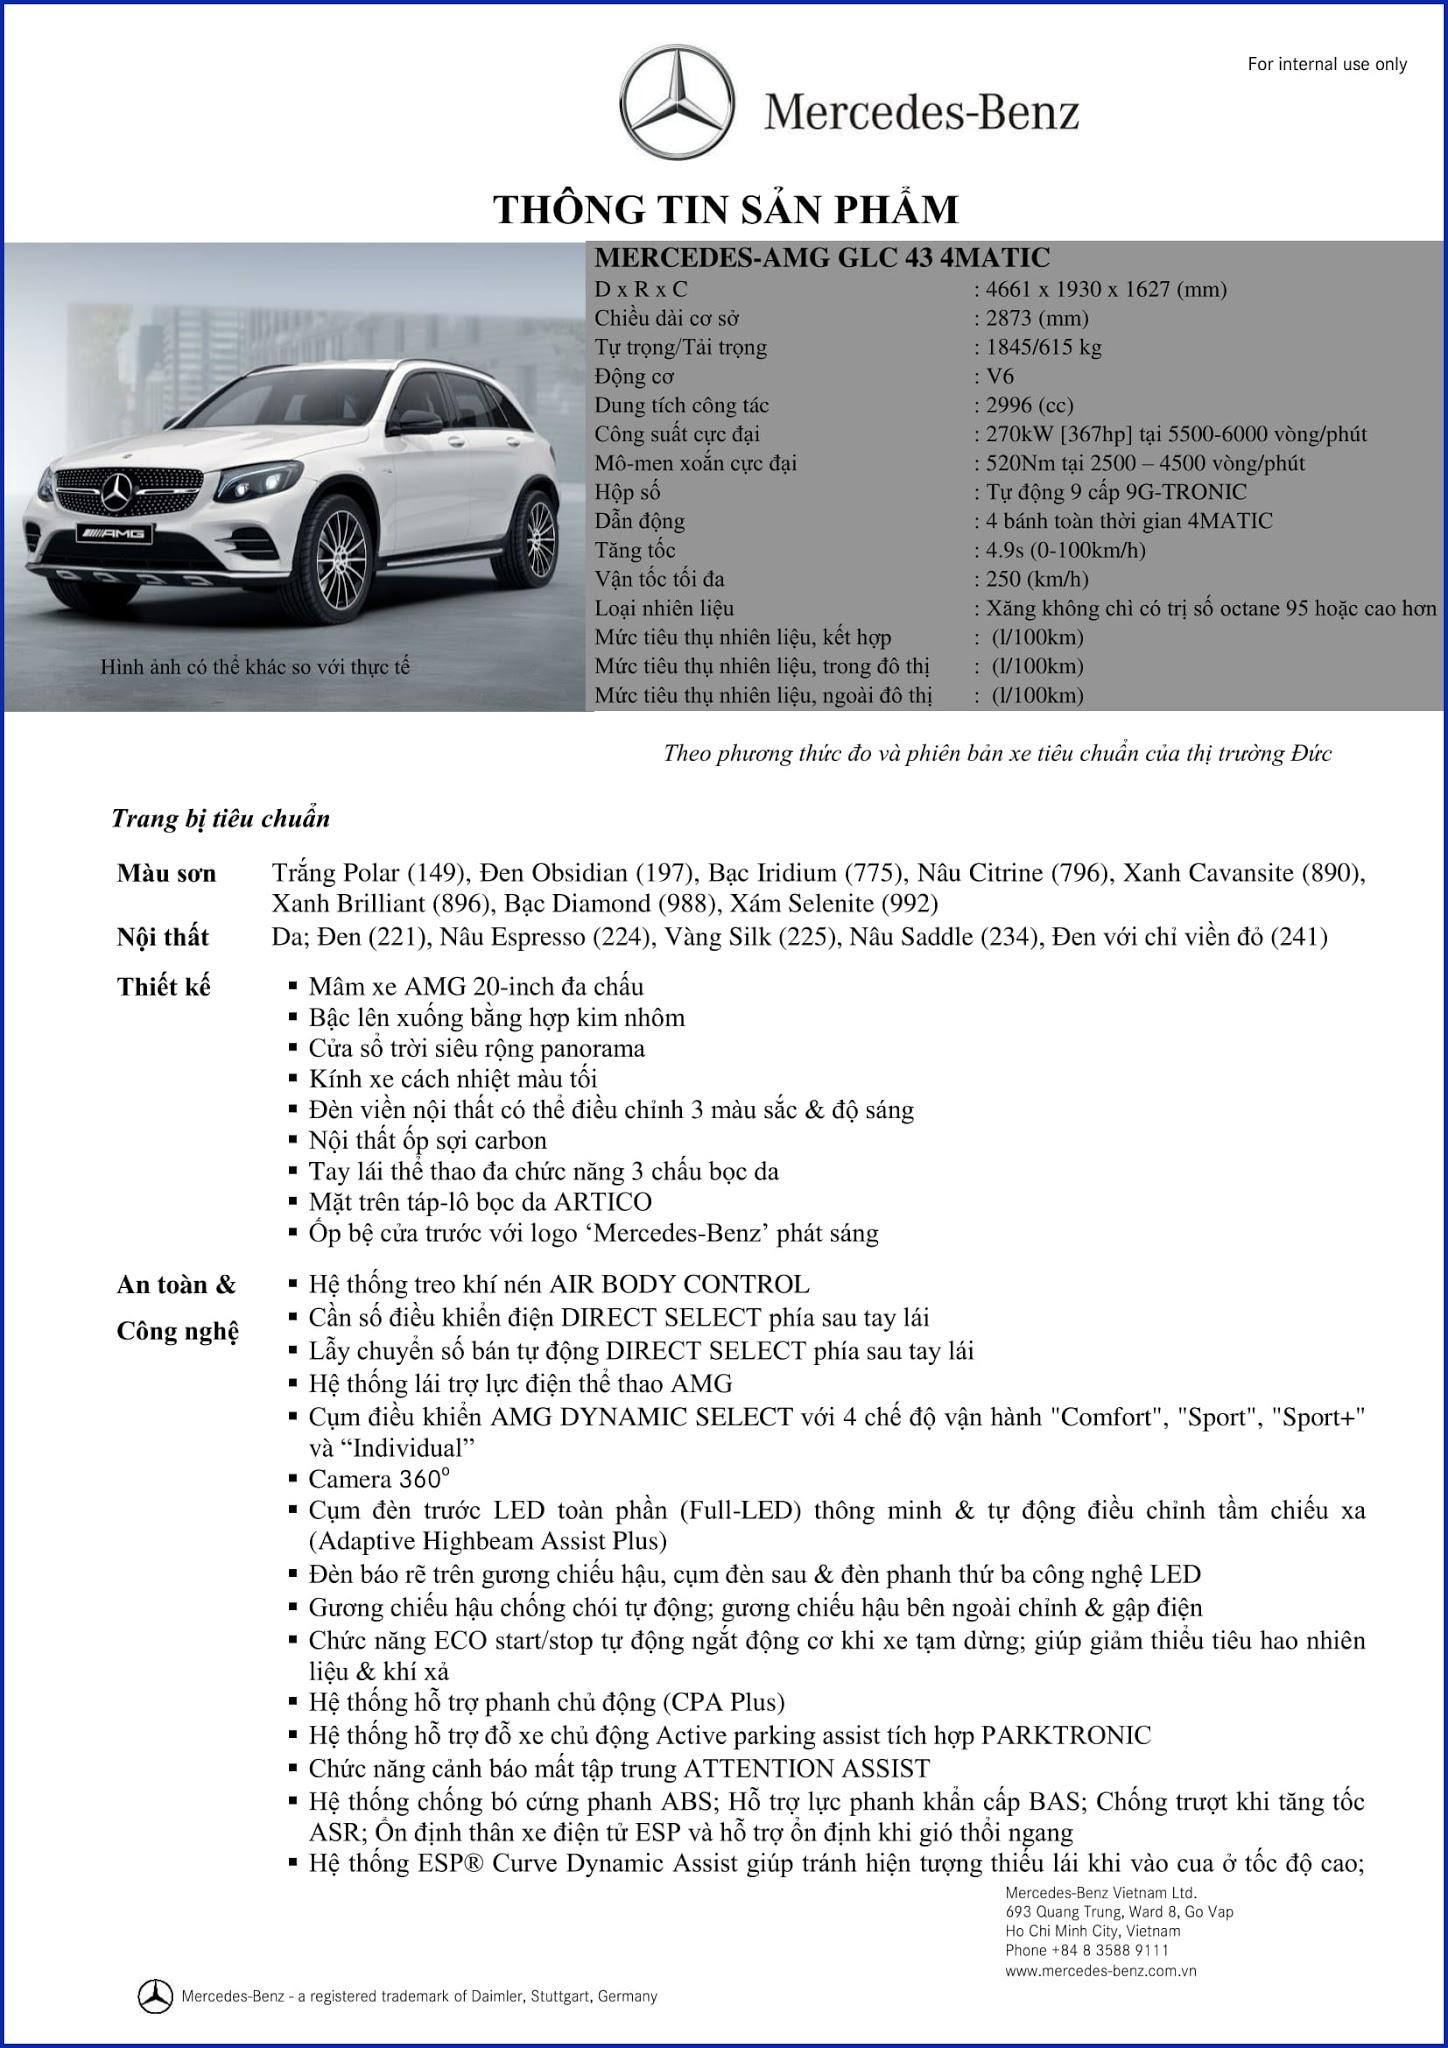 Bảng thông số kỹ thuật Mercedes AMG GLC 43 4MATIC 2018 tại Mercedes Trường Chinh